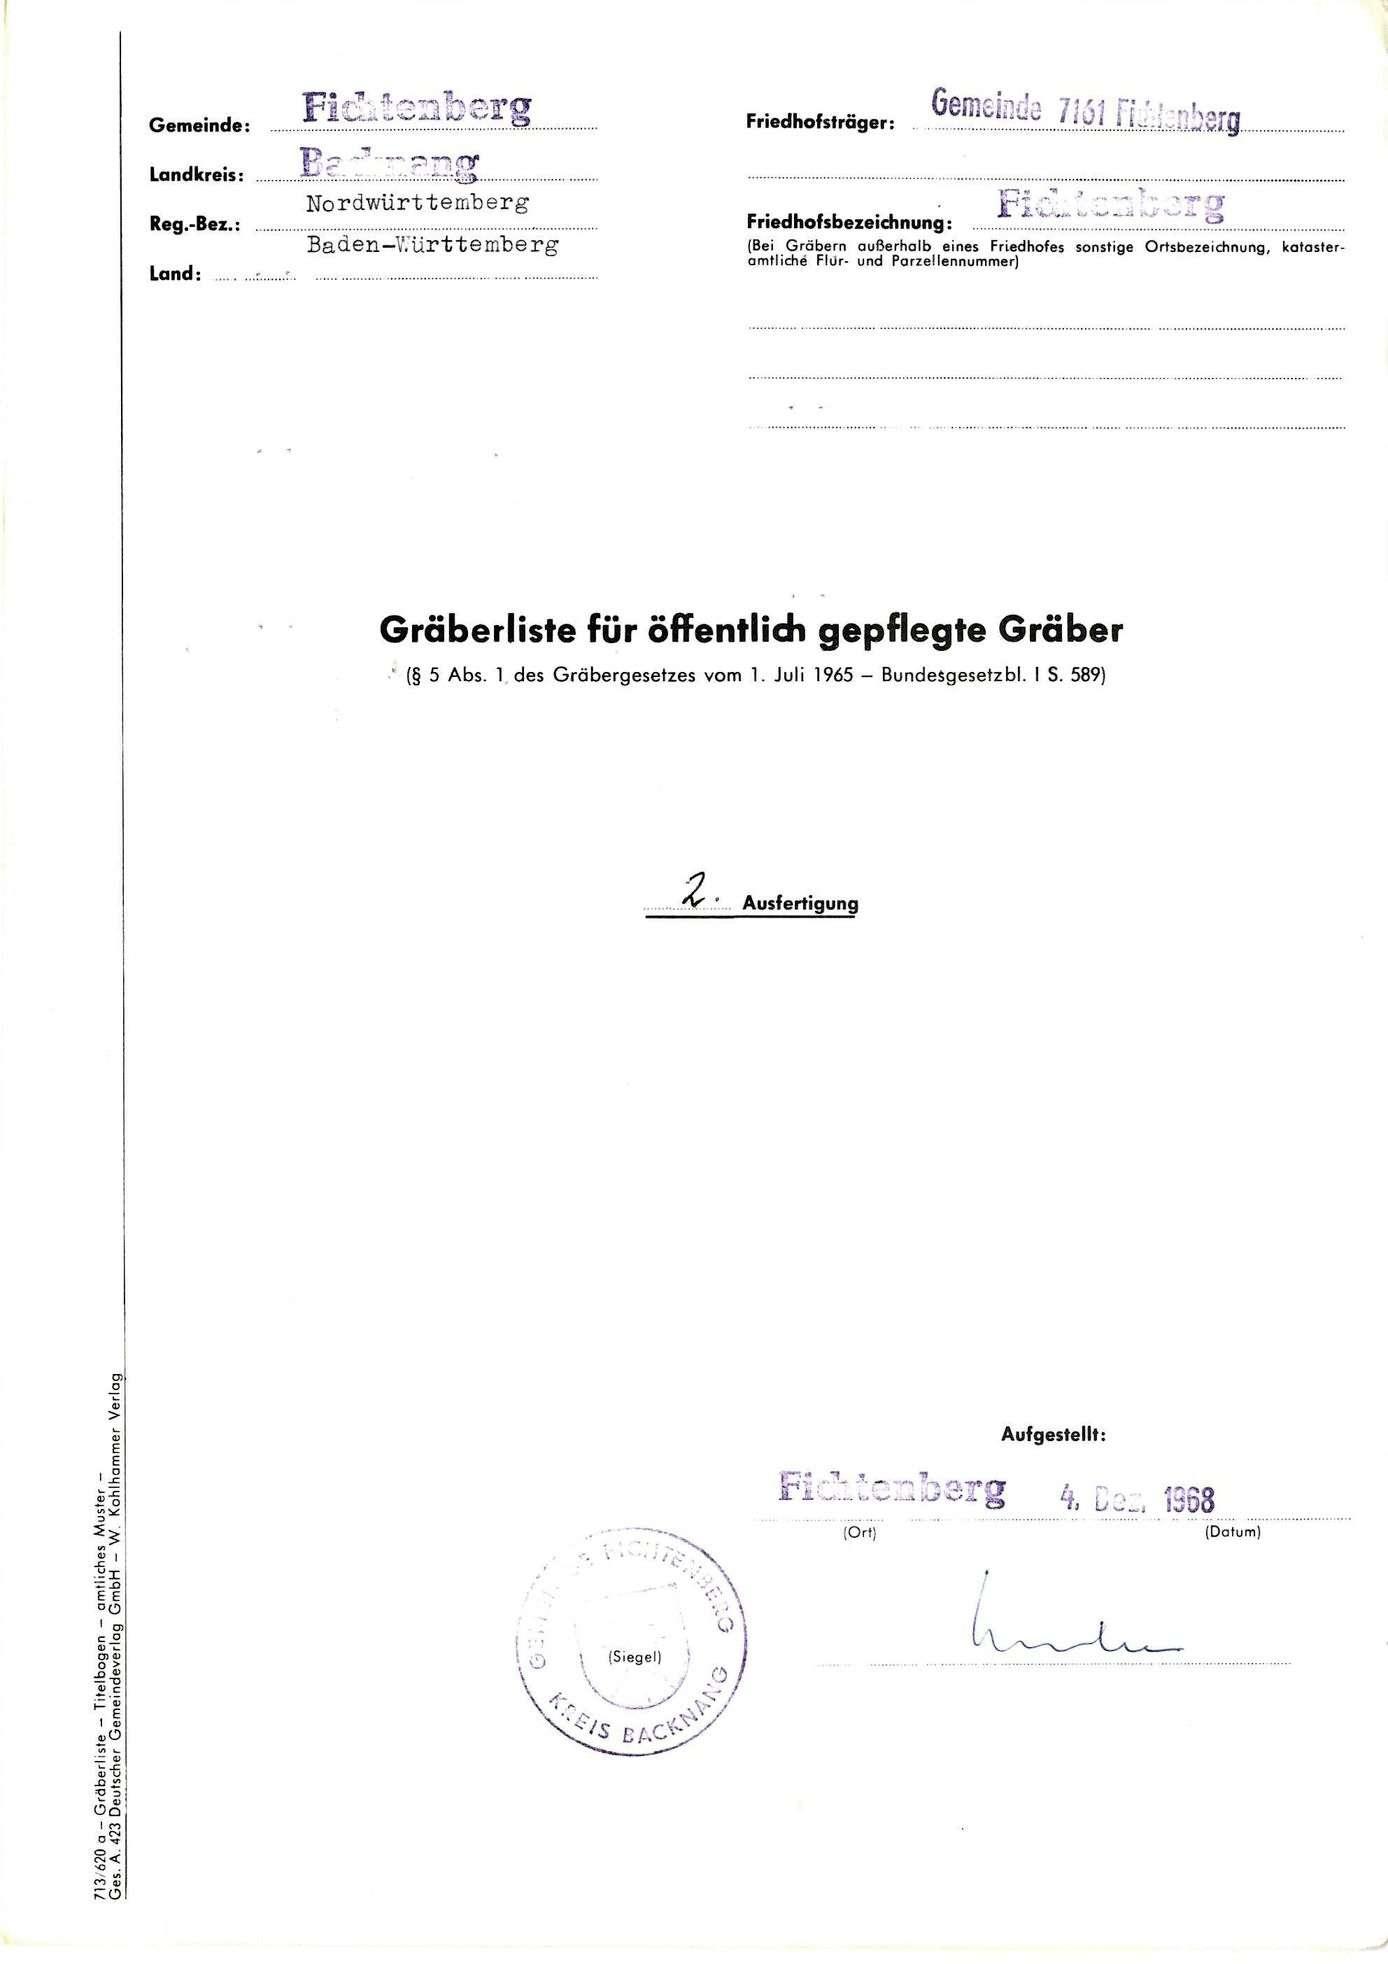 Fichtenberg, Bild 1